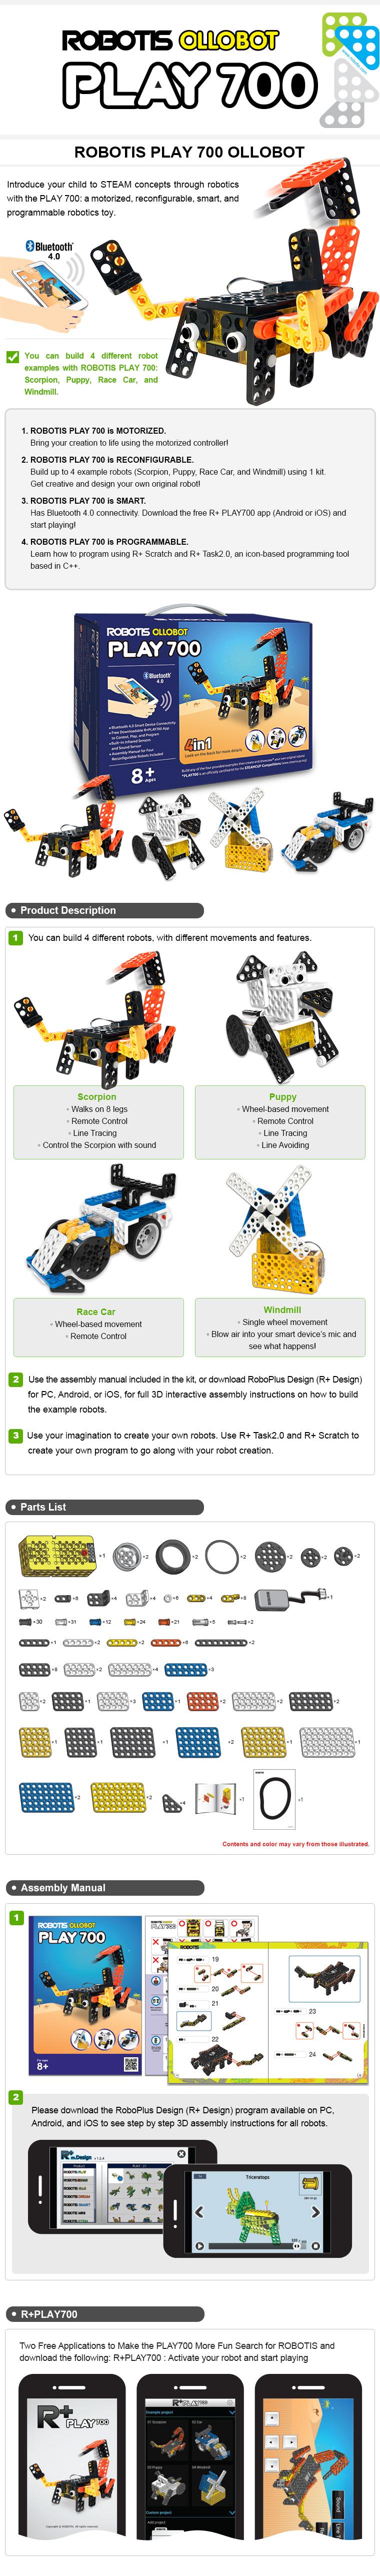 robotis-play700-ollobot-info-en.jpg